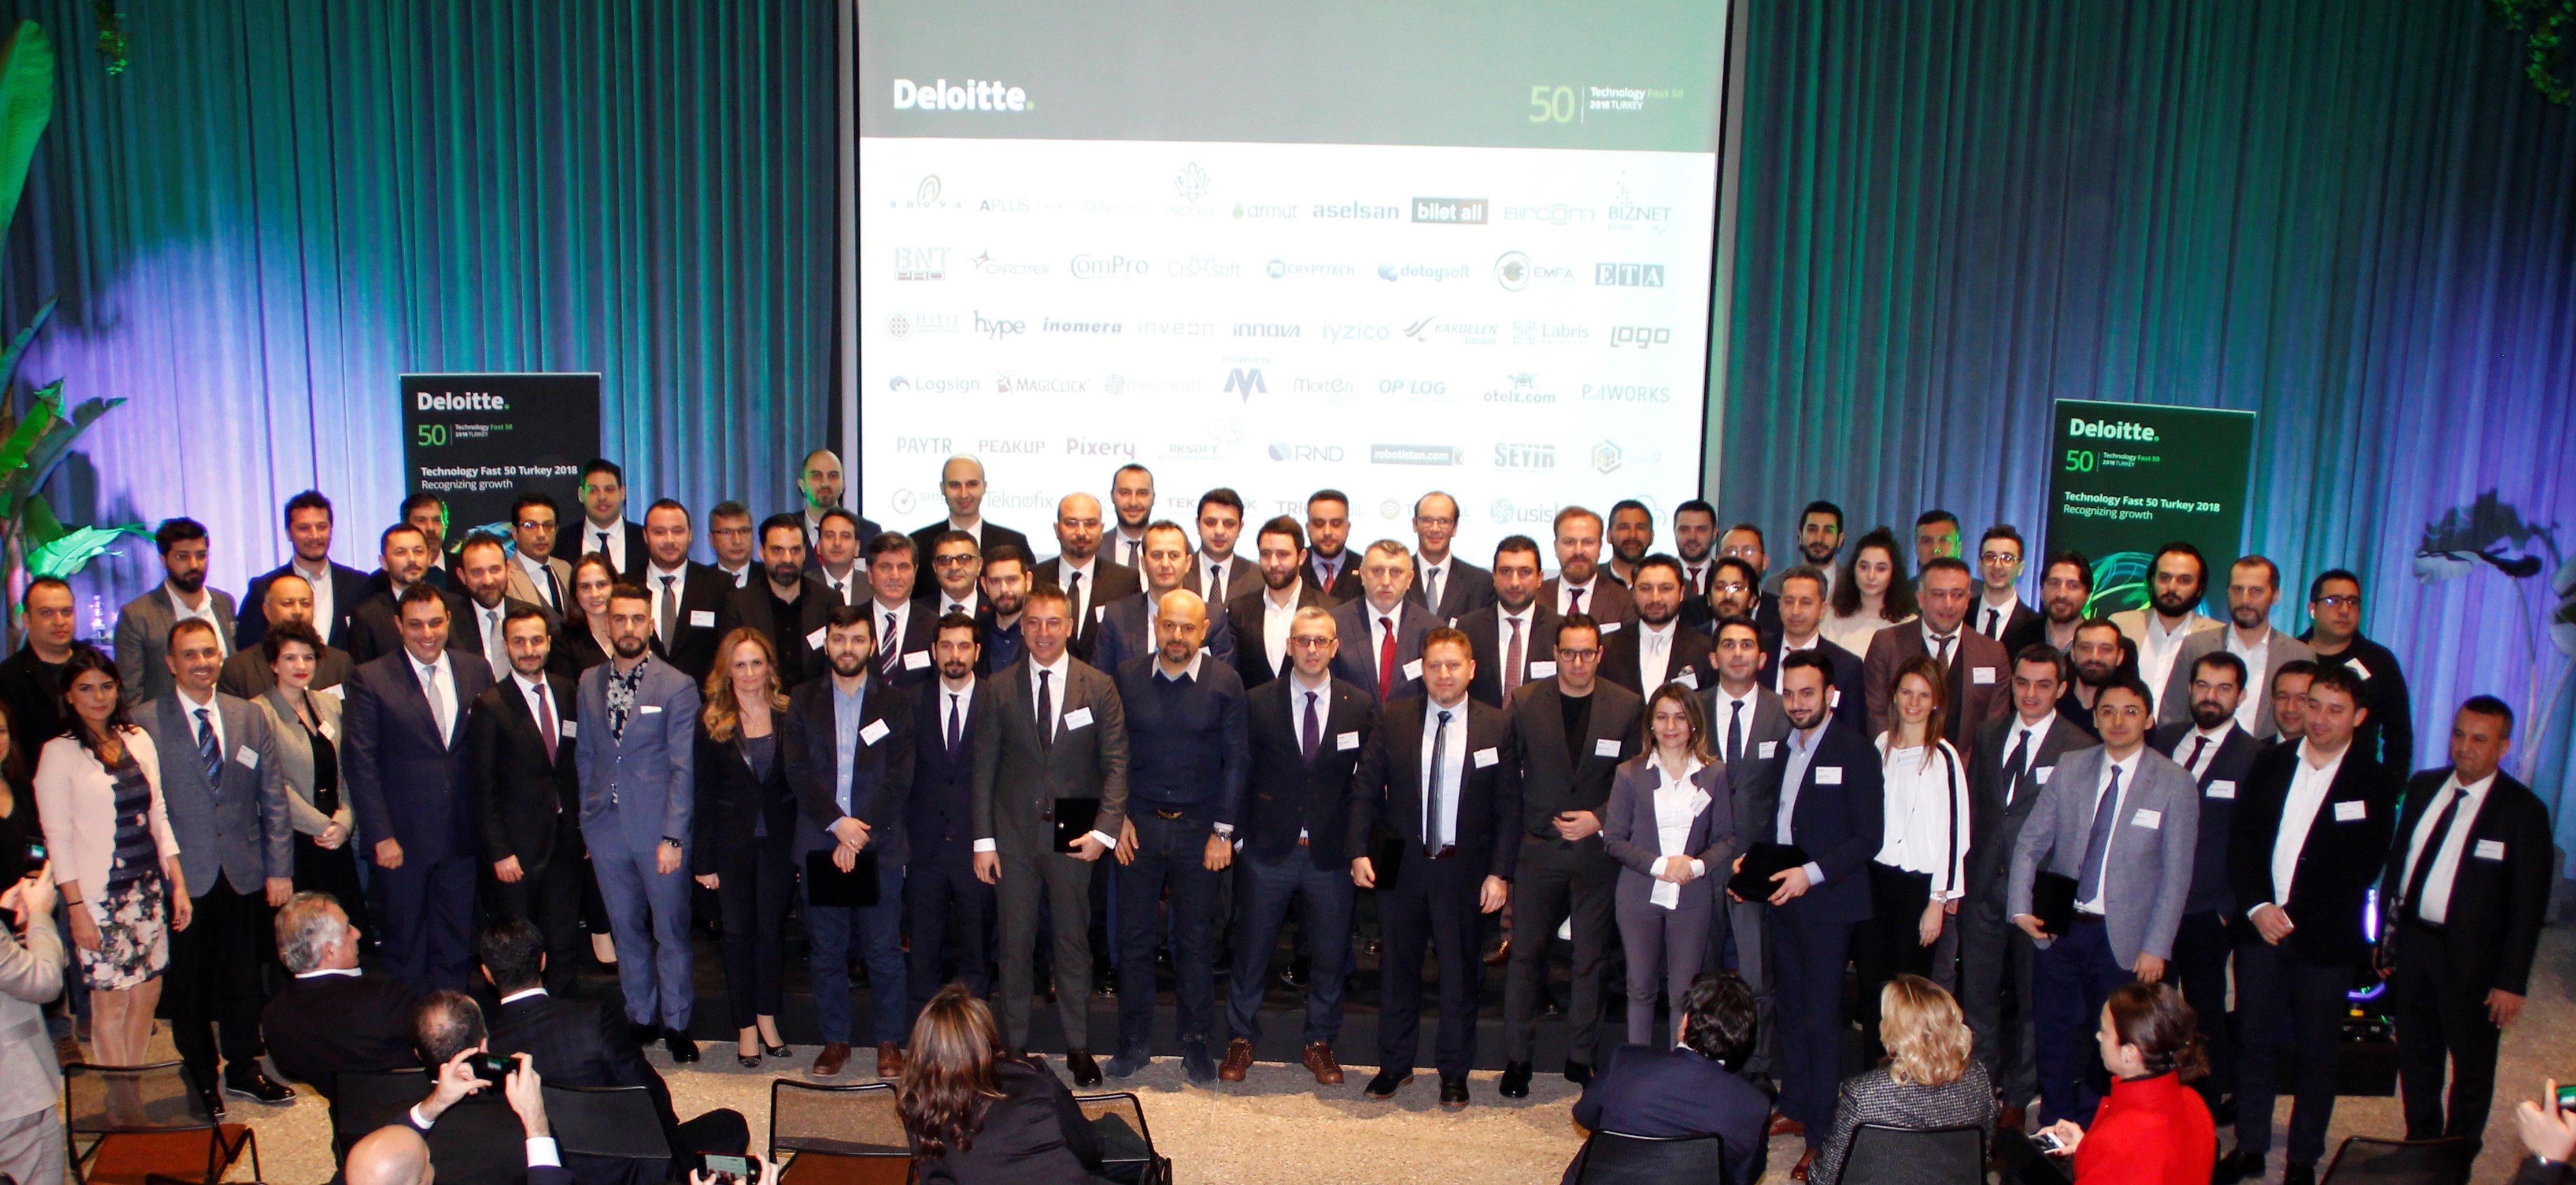 Deloitte, Teknoloji Fast 50 Türkiye 2018'de en hızlı büyüyen teknoloji şirketlerini açıkladı